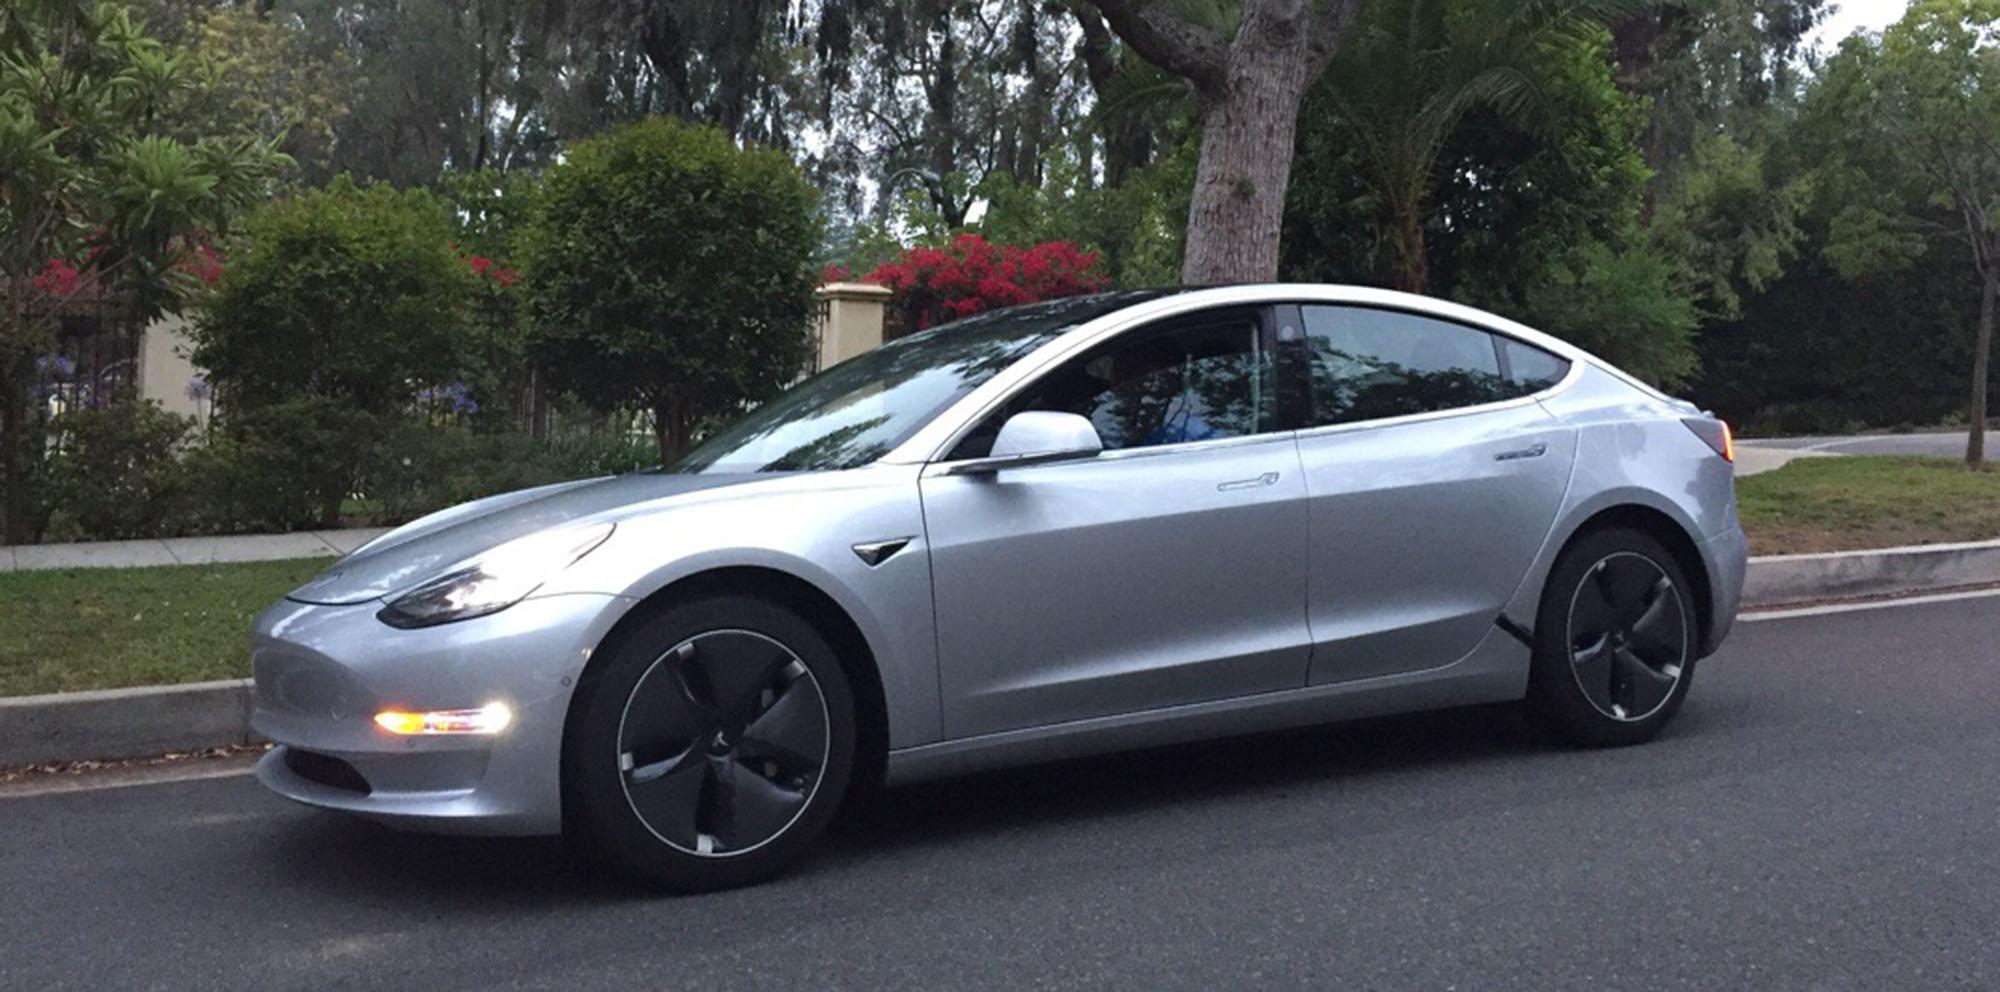 馬斯克:Model 3明年3/4月可能交付中國消費者